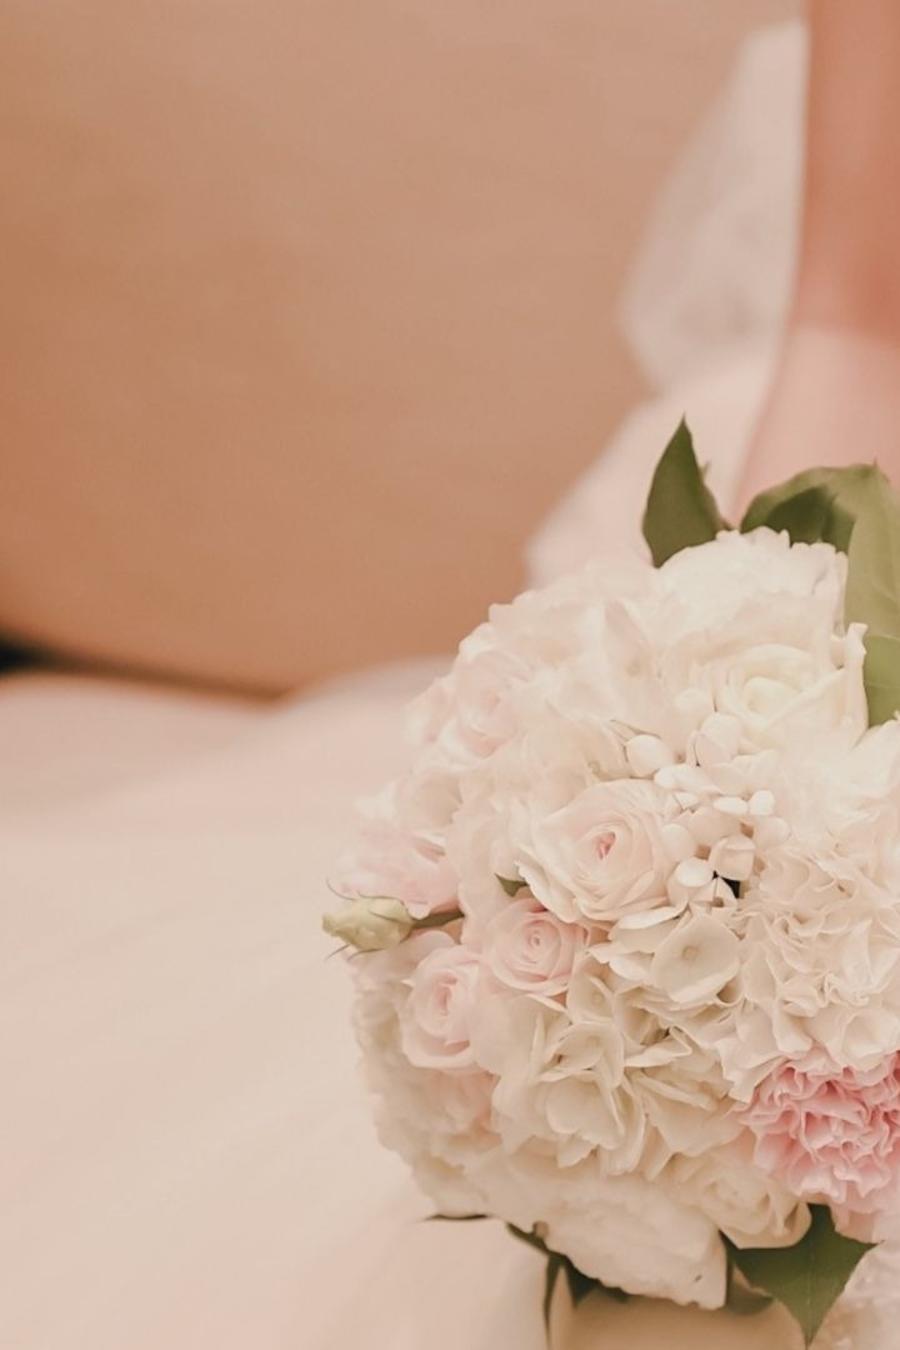 La joven de Texas canceló su boda a días de ir al altar